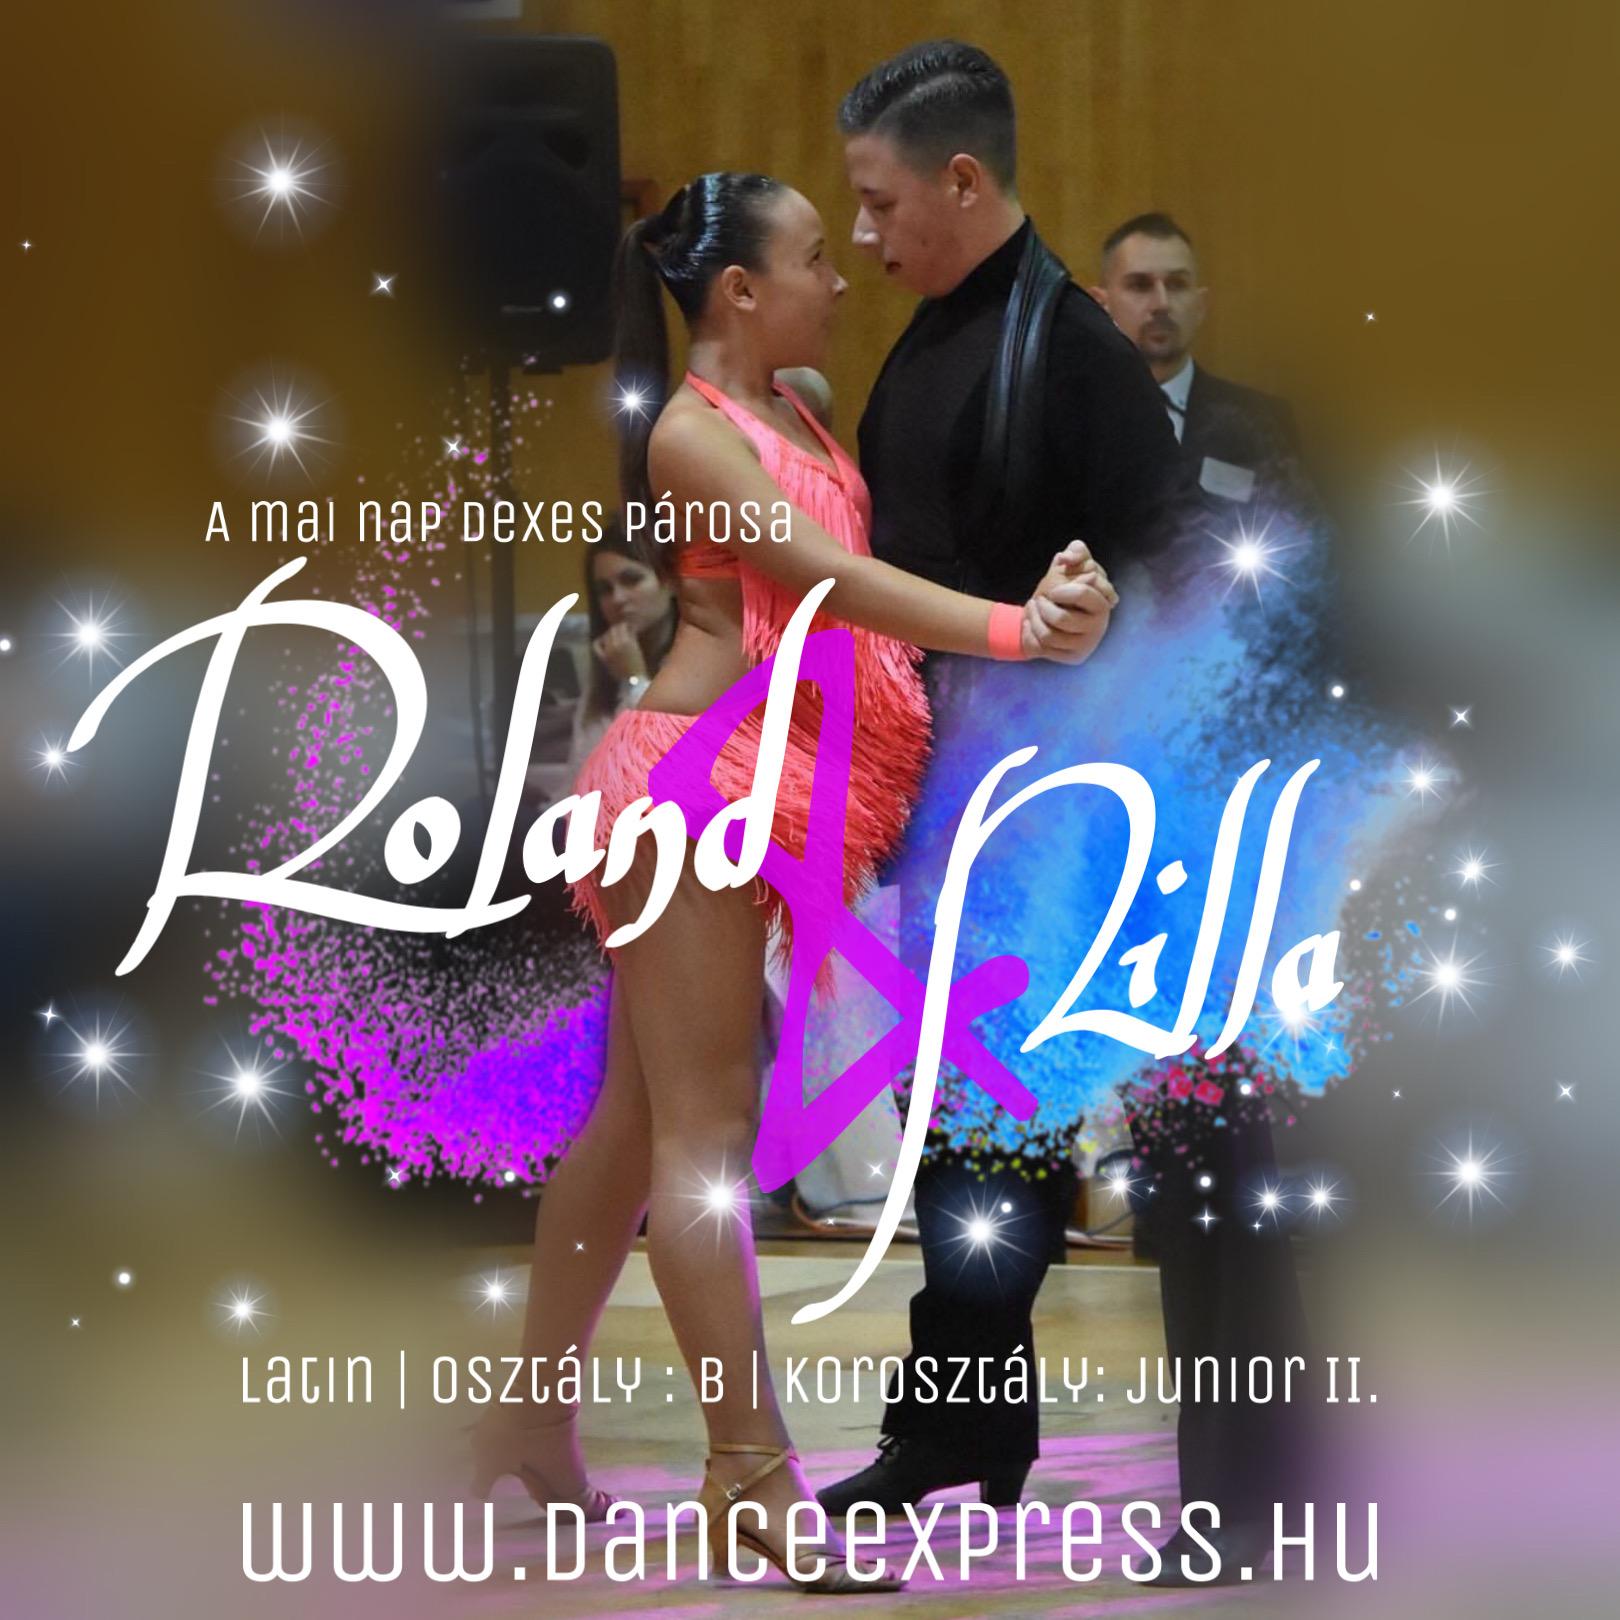 Sebők Roland és Sebők Nilla